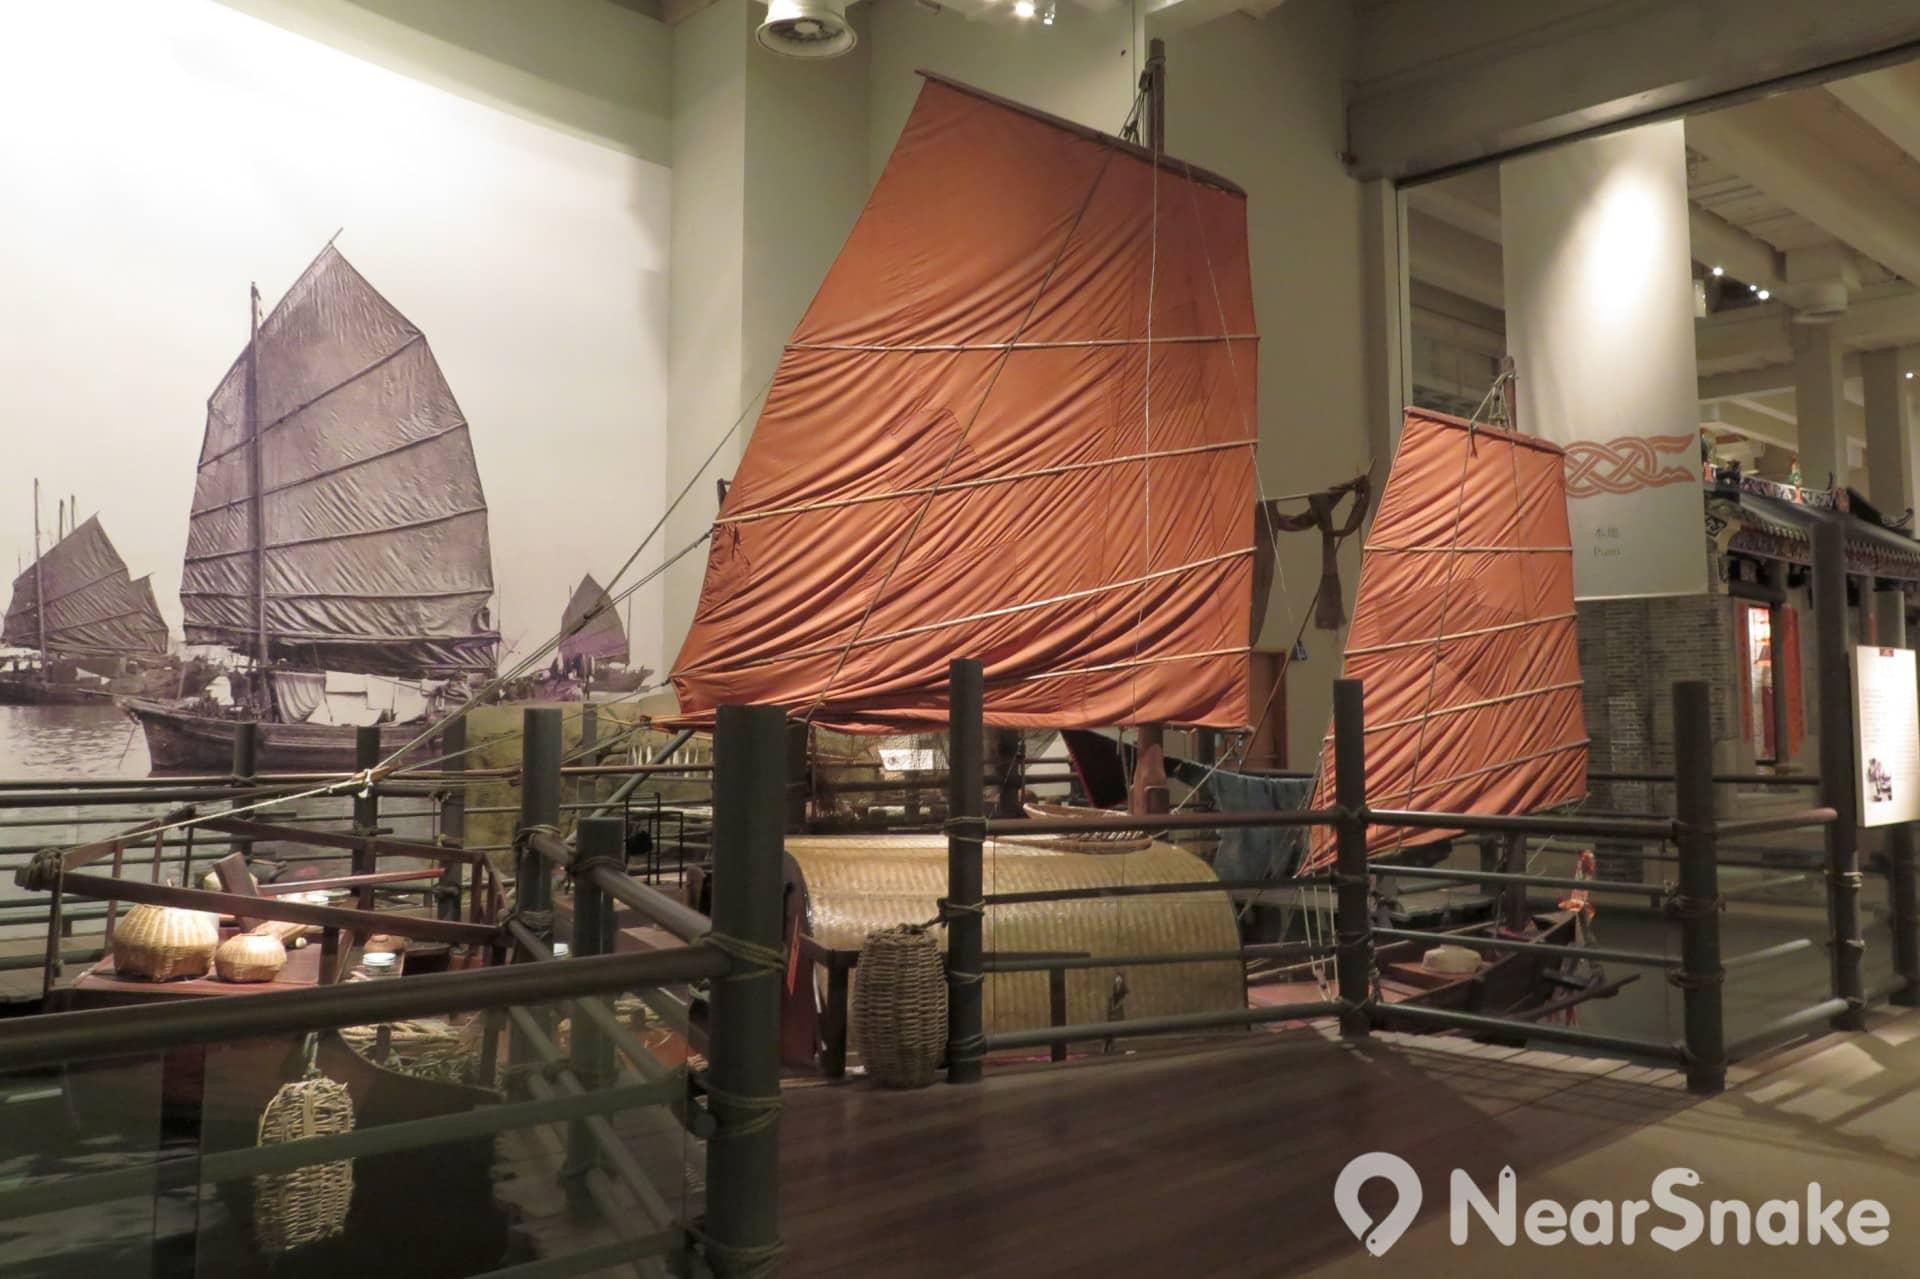 歷史博物館內展出了「香港標誌」——帆船的大型模型,水上人家生活的地方,有說他們是躲避歷朝戰亂而躲到海上的大族。